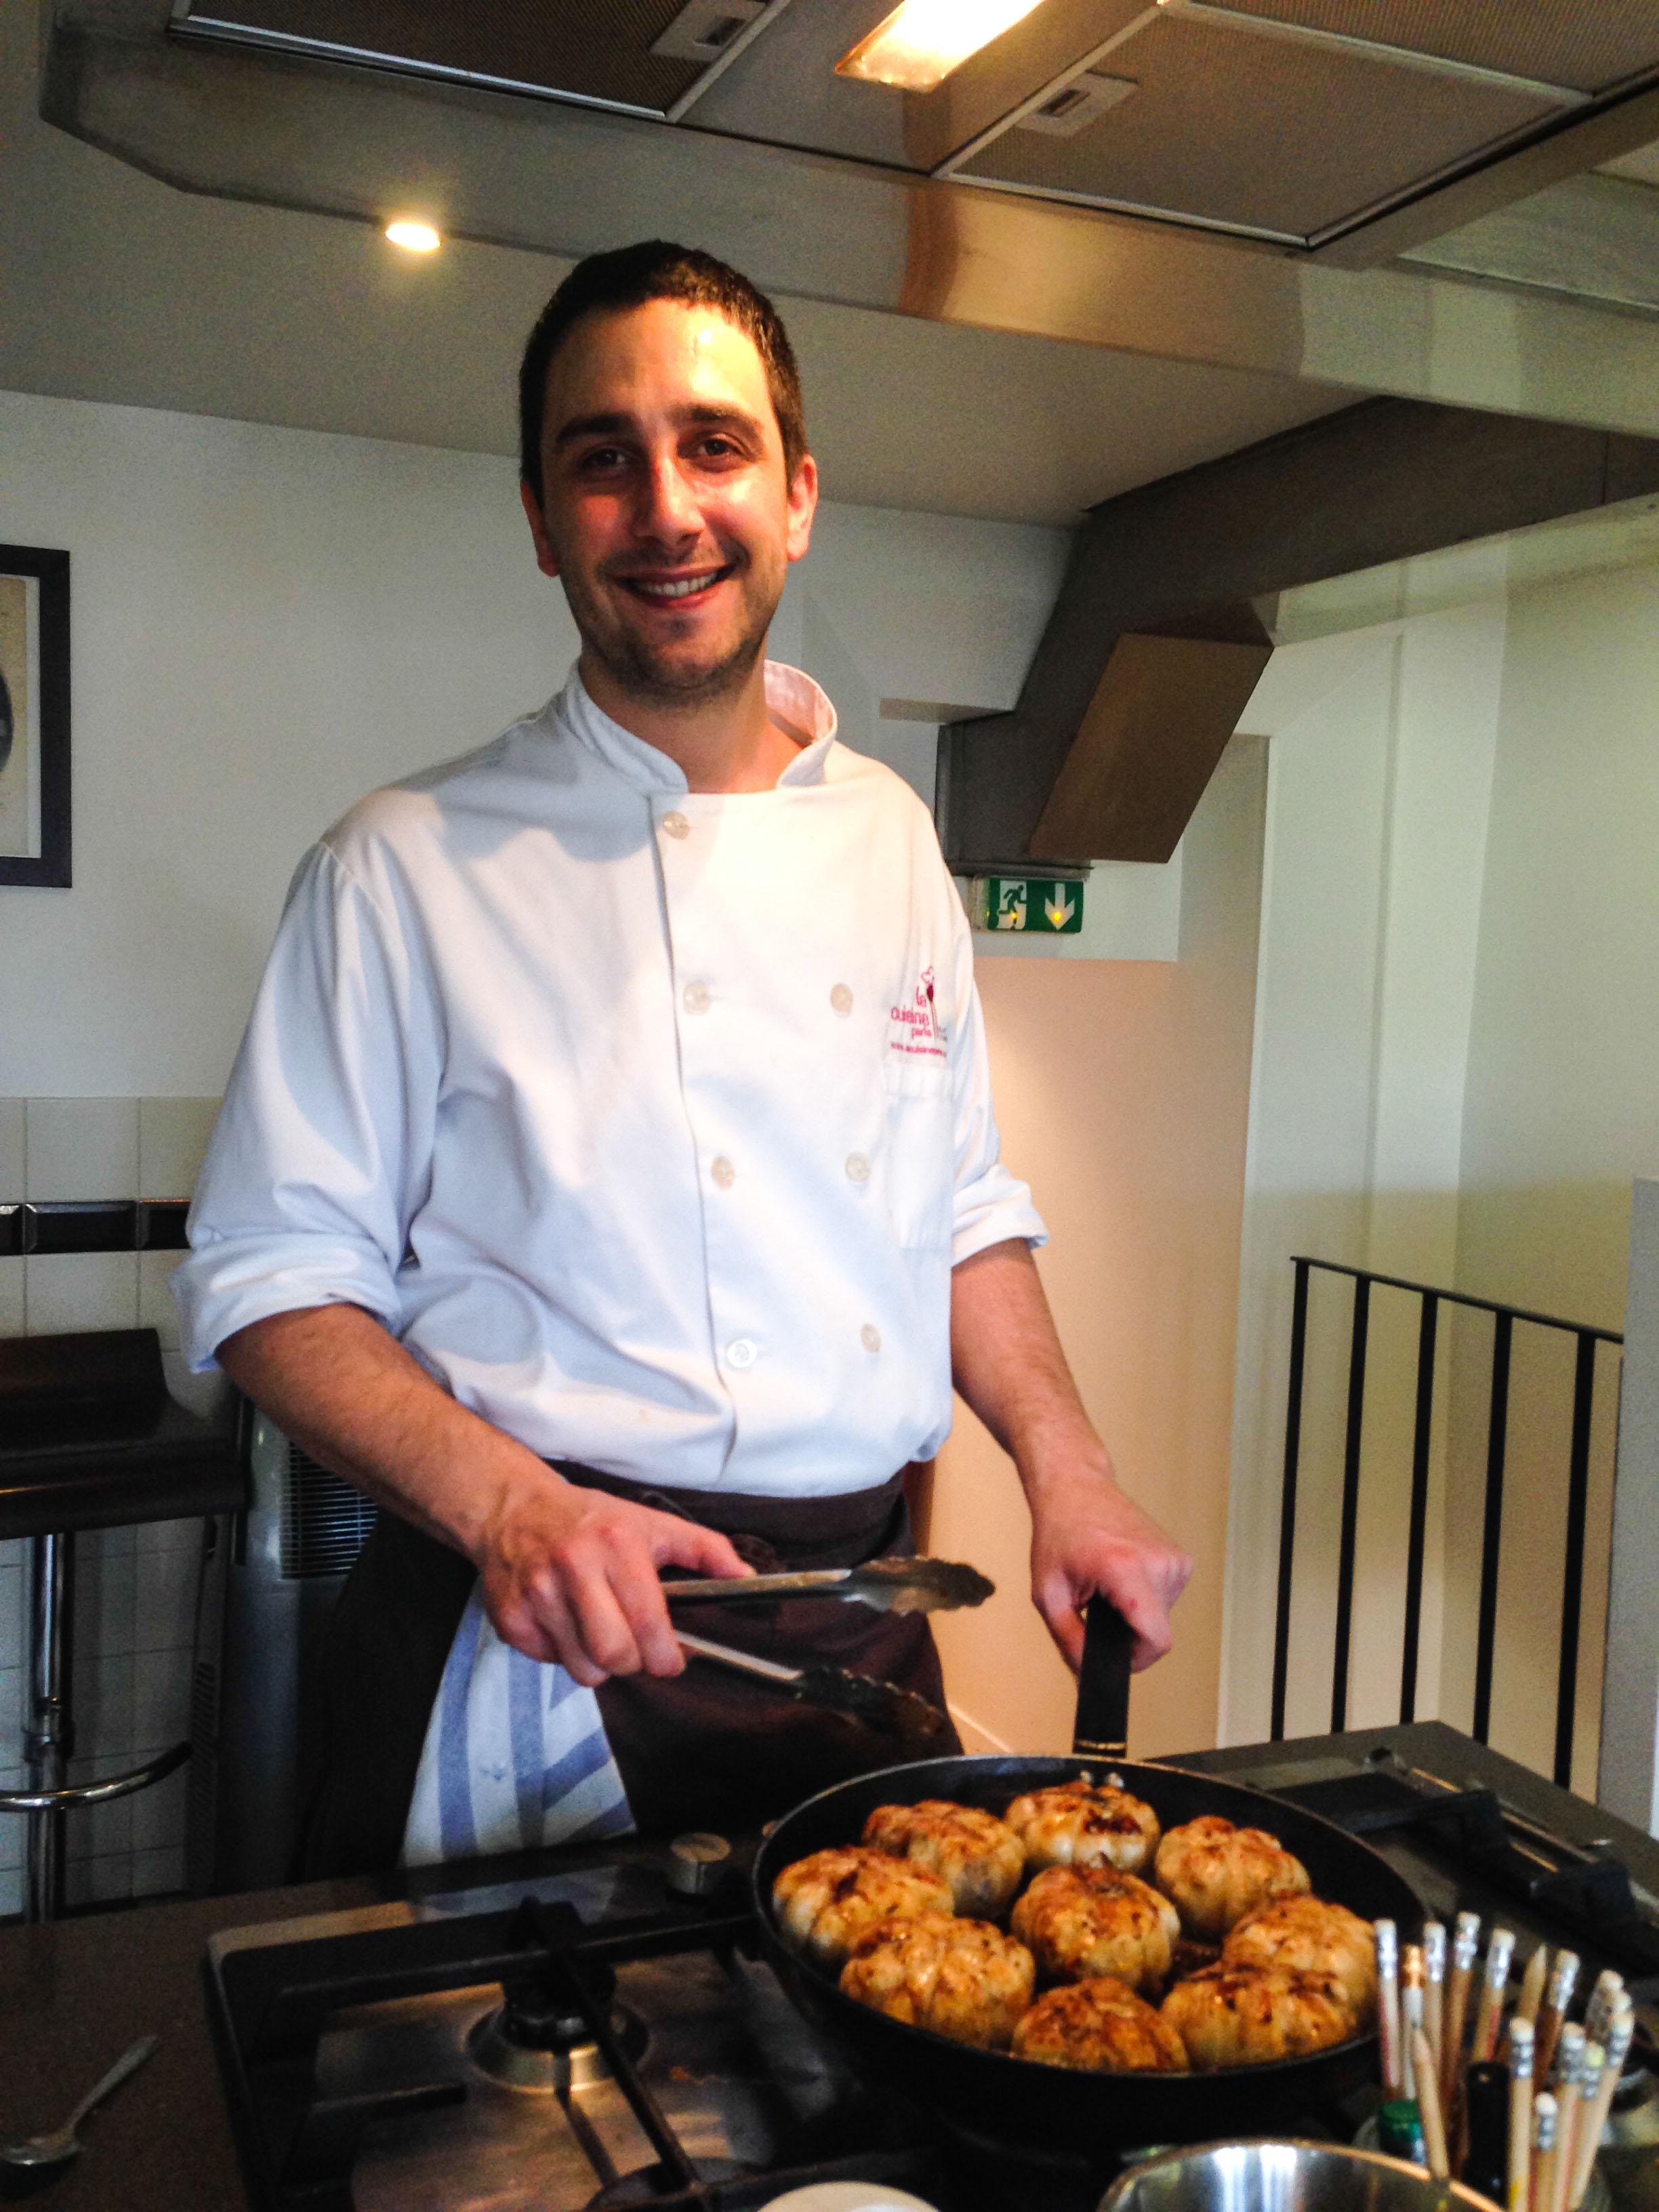 La cuisine paris paris ad le - Recherche chef de cuisine paris ...